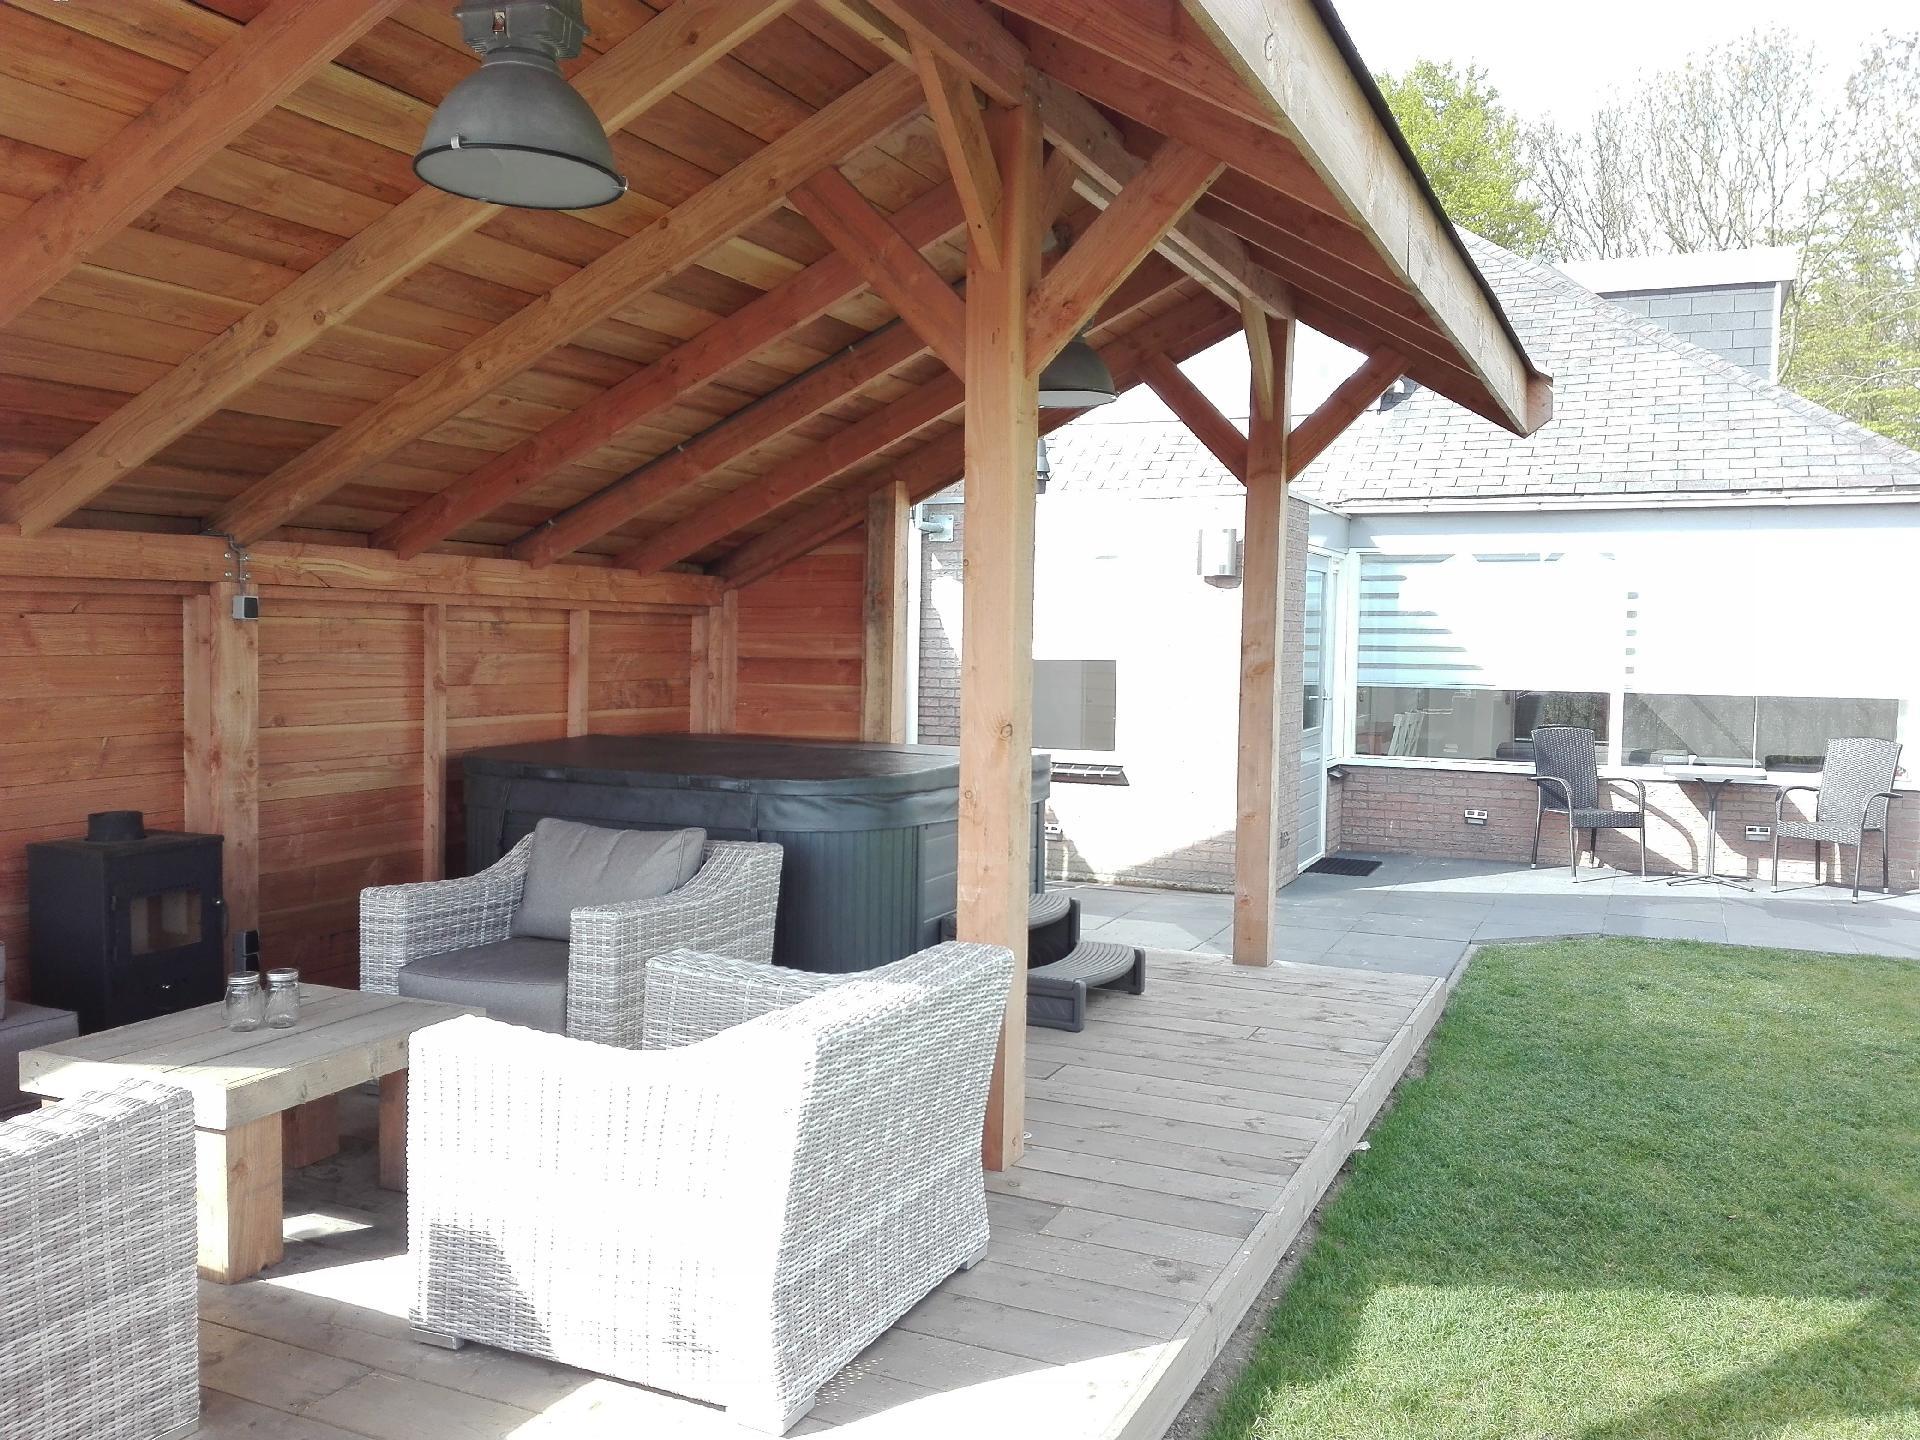 Ferienhaus für 6 Personen ca 72 m² in Stavenisse Zeeland Küste von Zeeland